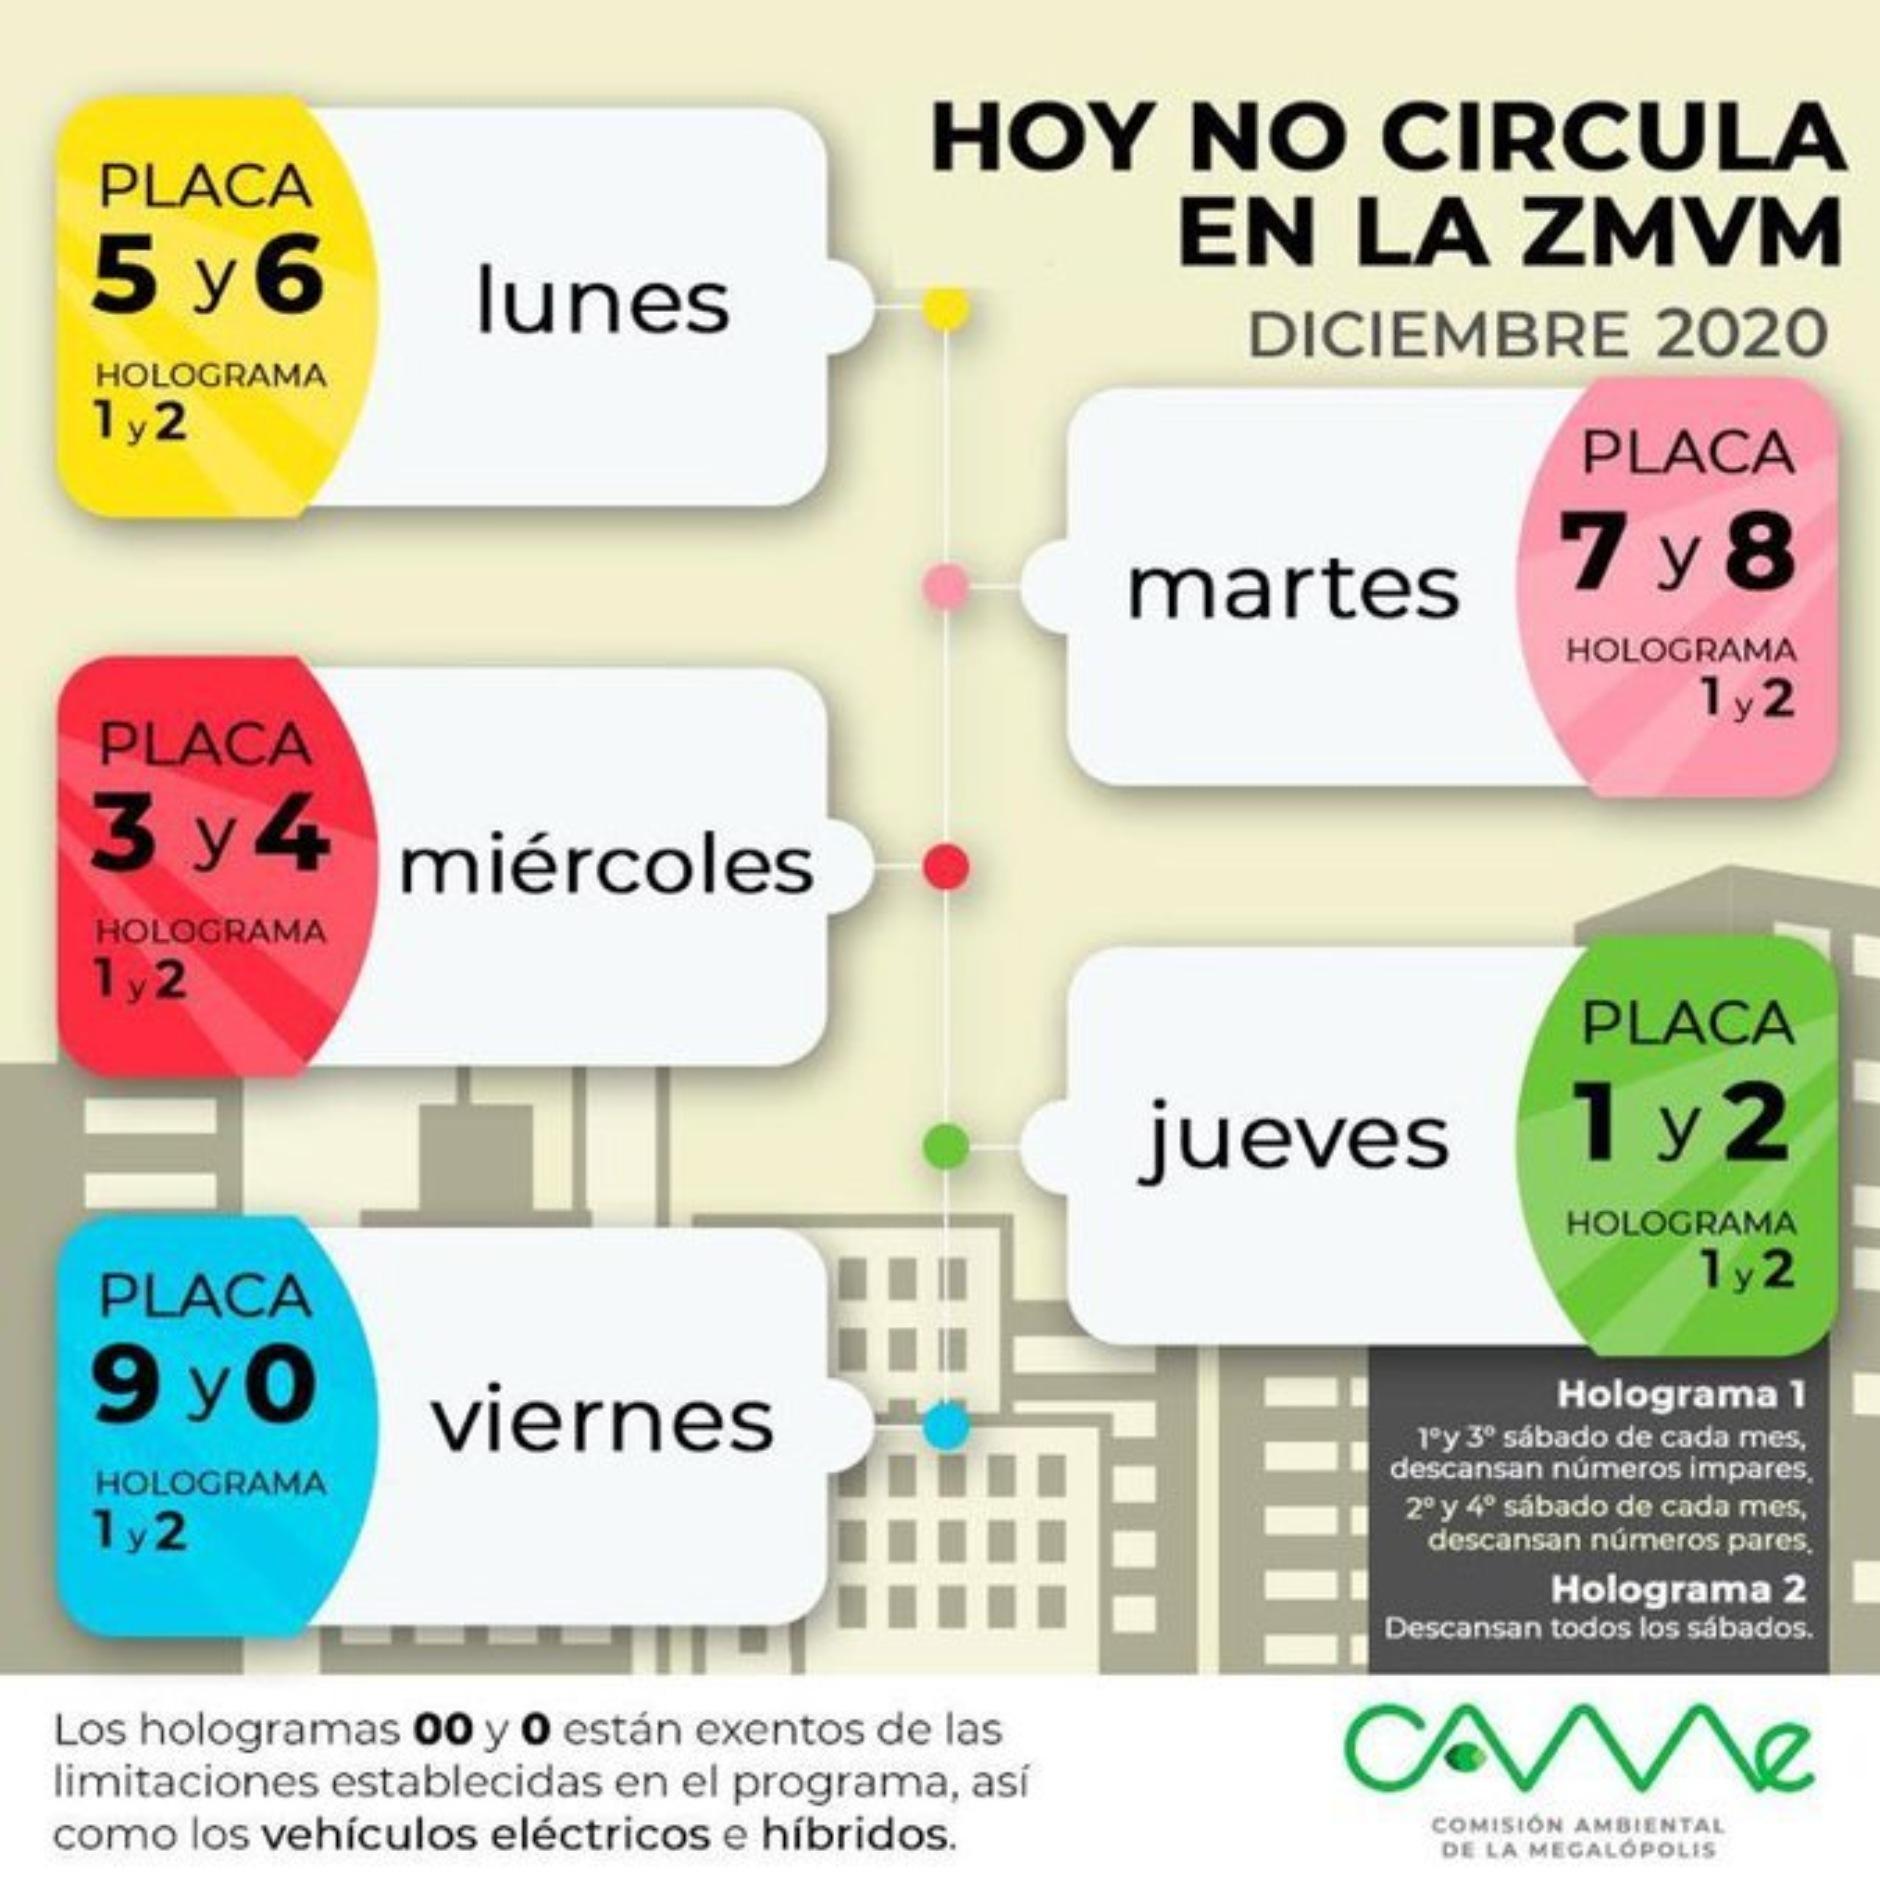 Hoy No Circula:Jueves 7 de enero en la Ciudad de México y Estado de México